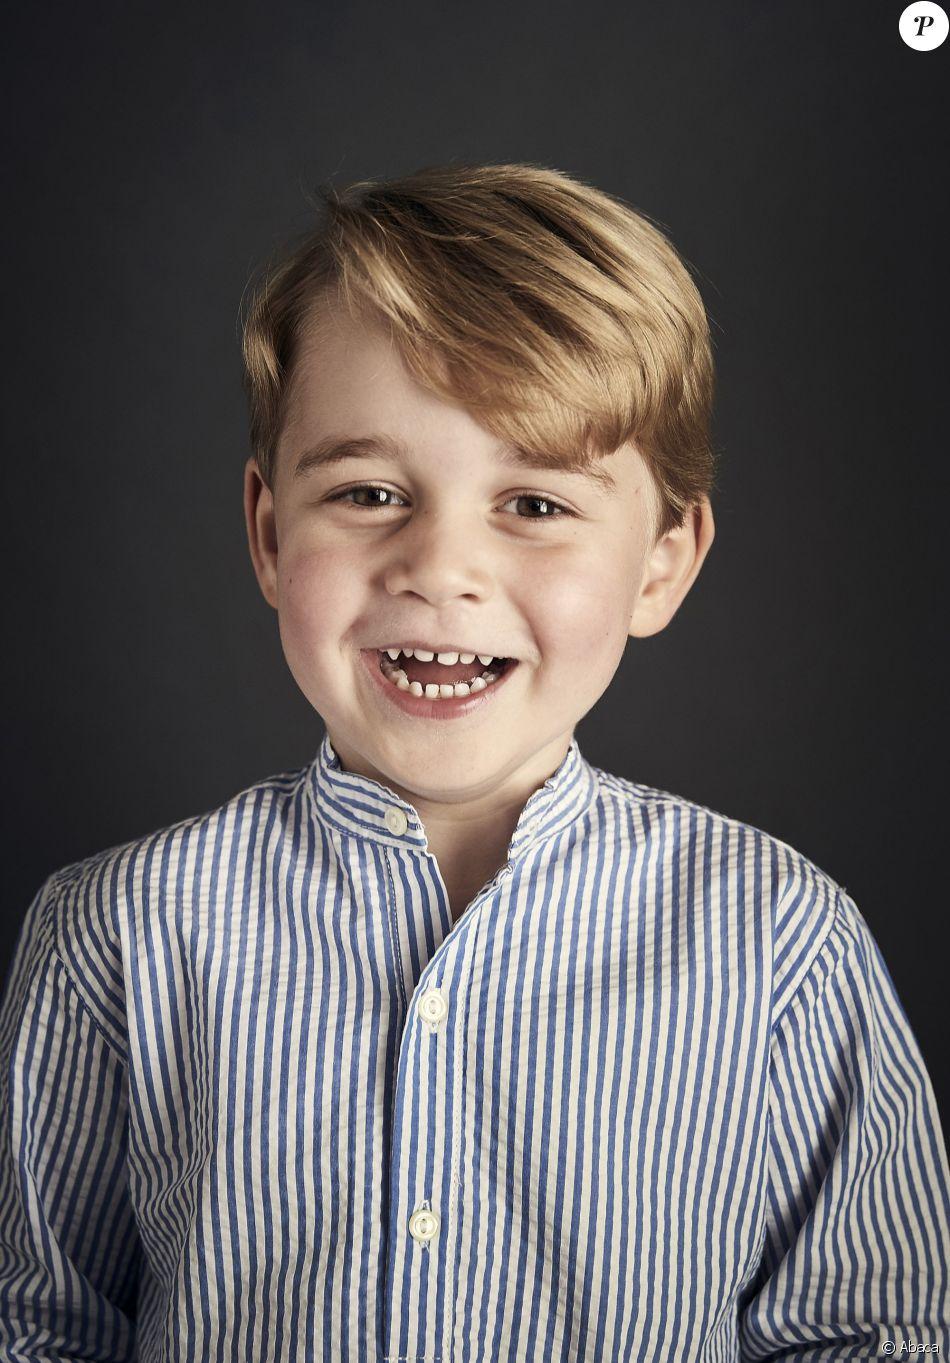 Portrait officiel du prince George dévoilé par le Prince William et Kate Middleton le 21 juillet 2017 à l'occasion du quatrième anniversaire de leur fils, célébré le 22 juillet 2017.